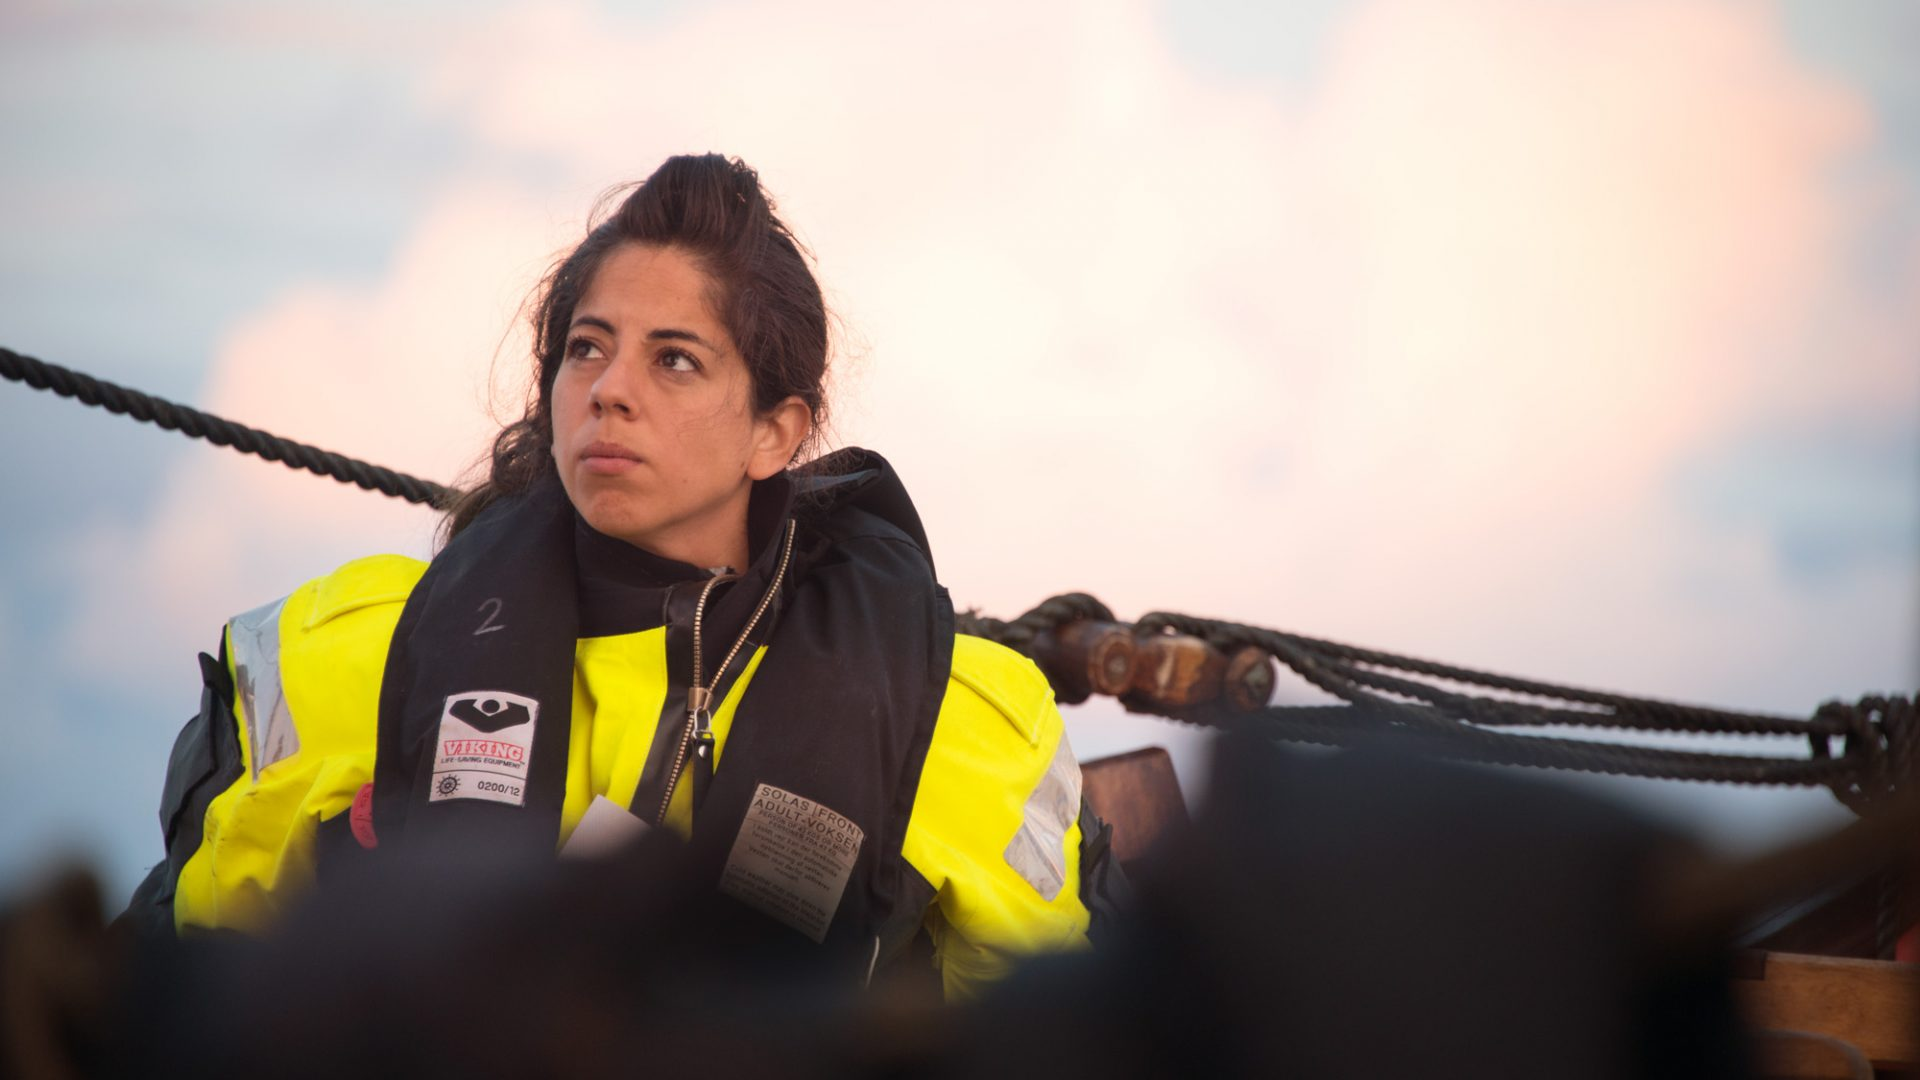 Susanna Vallejos, Sweden